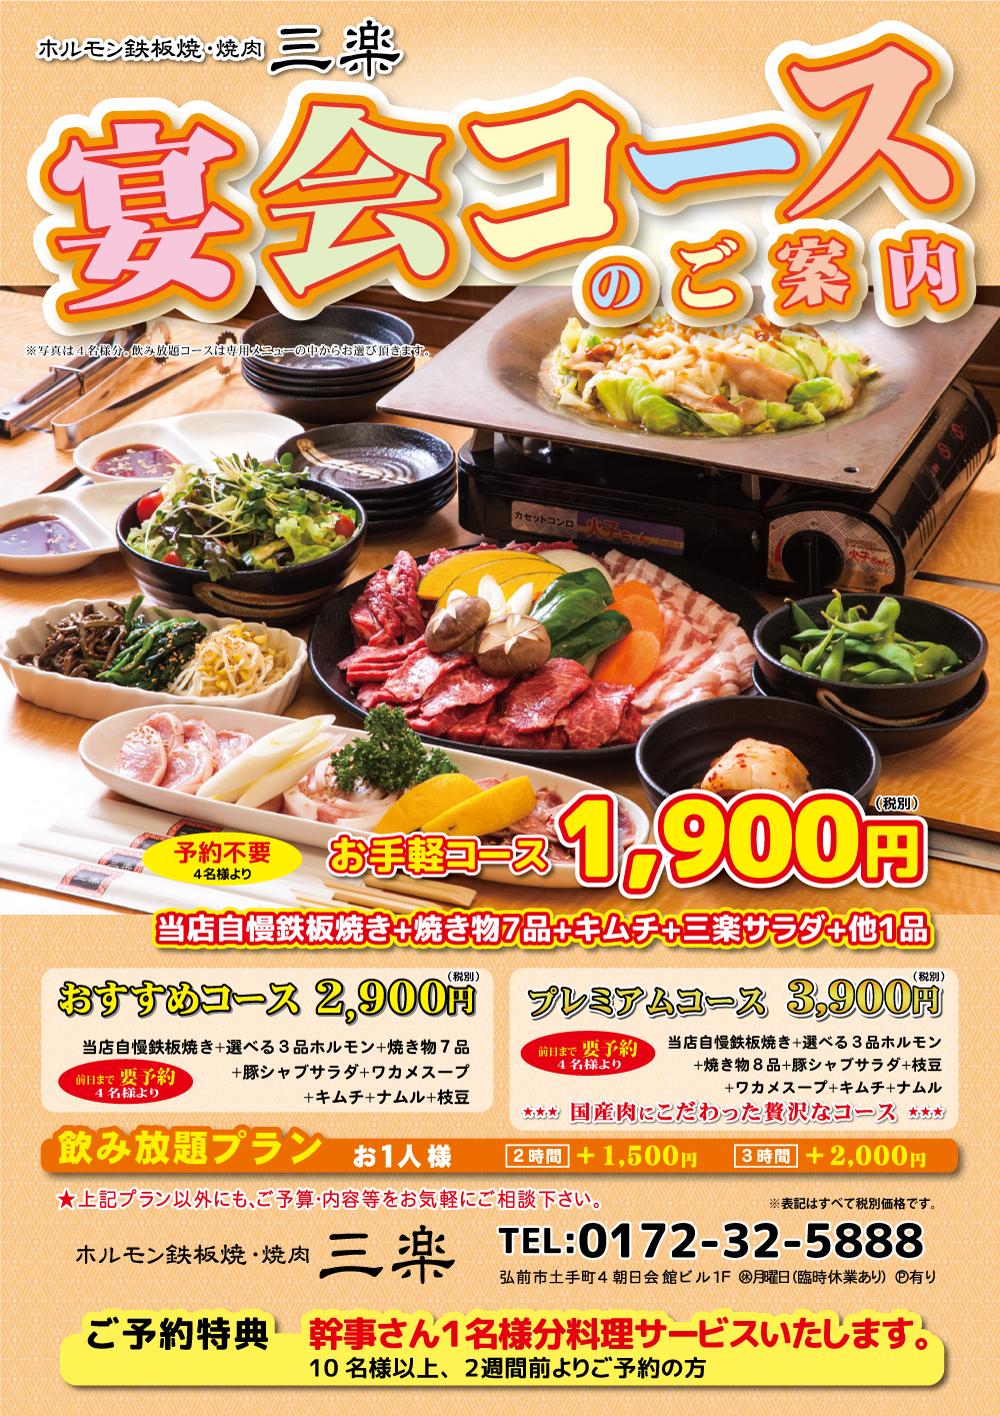 三楽の宴会コースメニュー